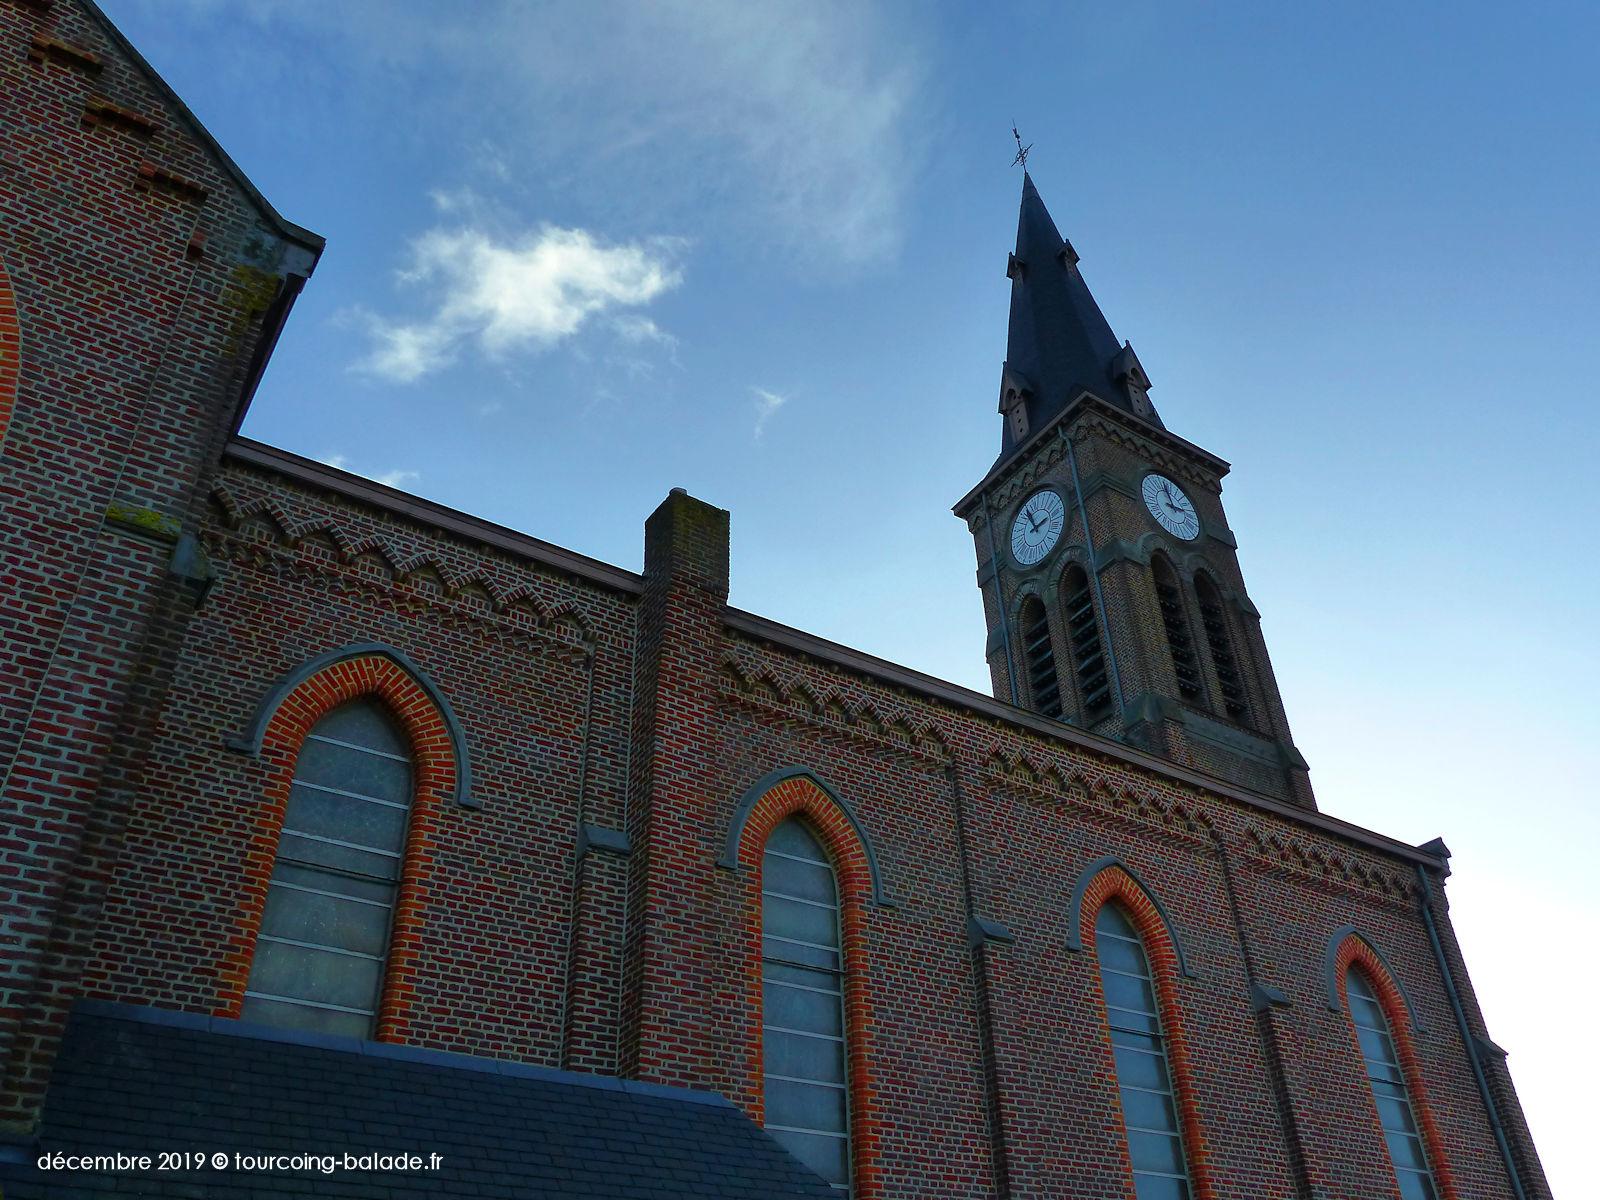 Église Saint-Alphonse, Halluin 2019